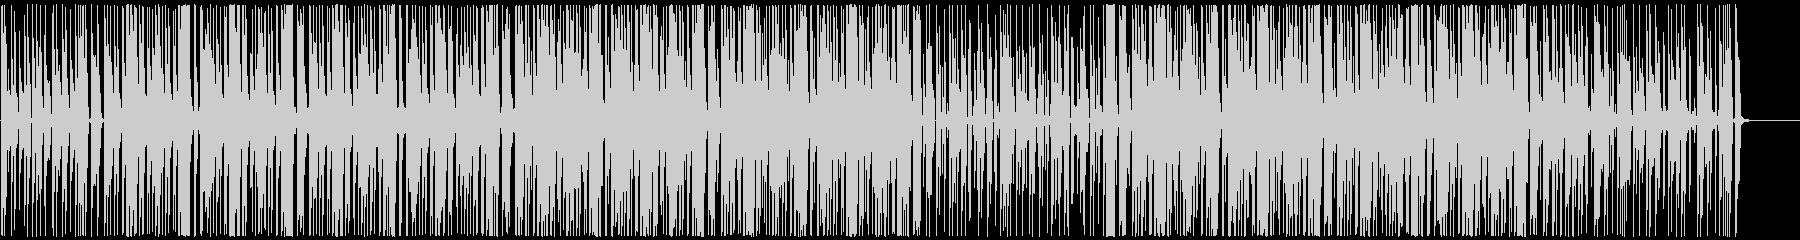 【ミニマル】ニュースF・報道・ループの未再生の波形